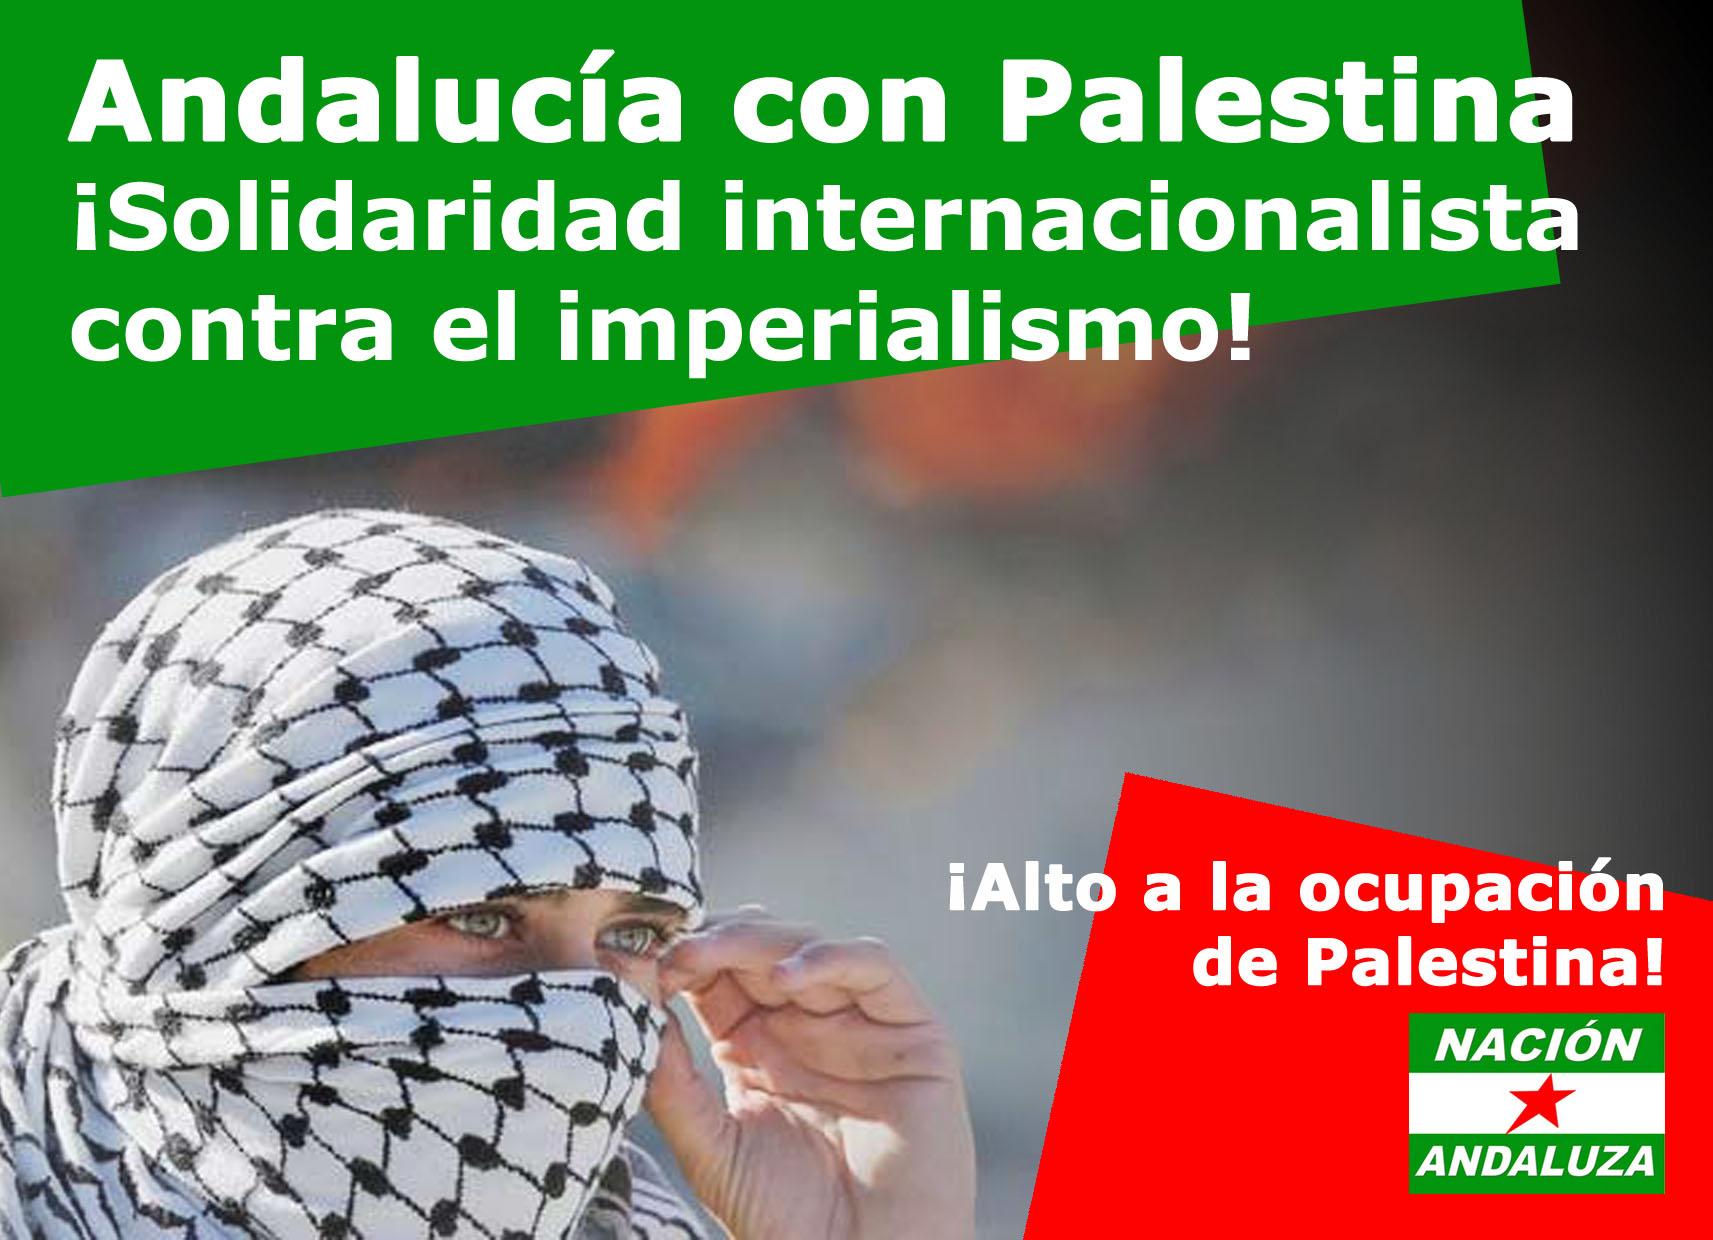 Nación Andaluza en solidaridad con Palestina